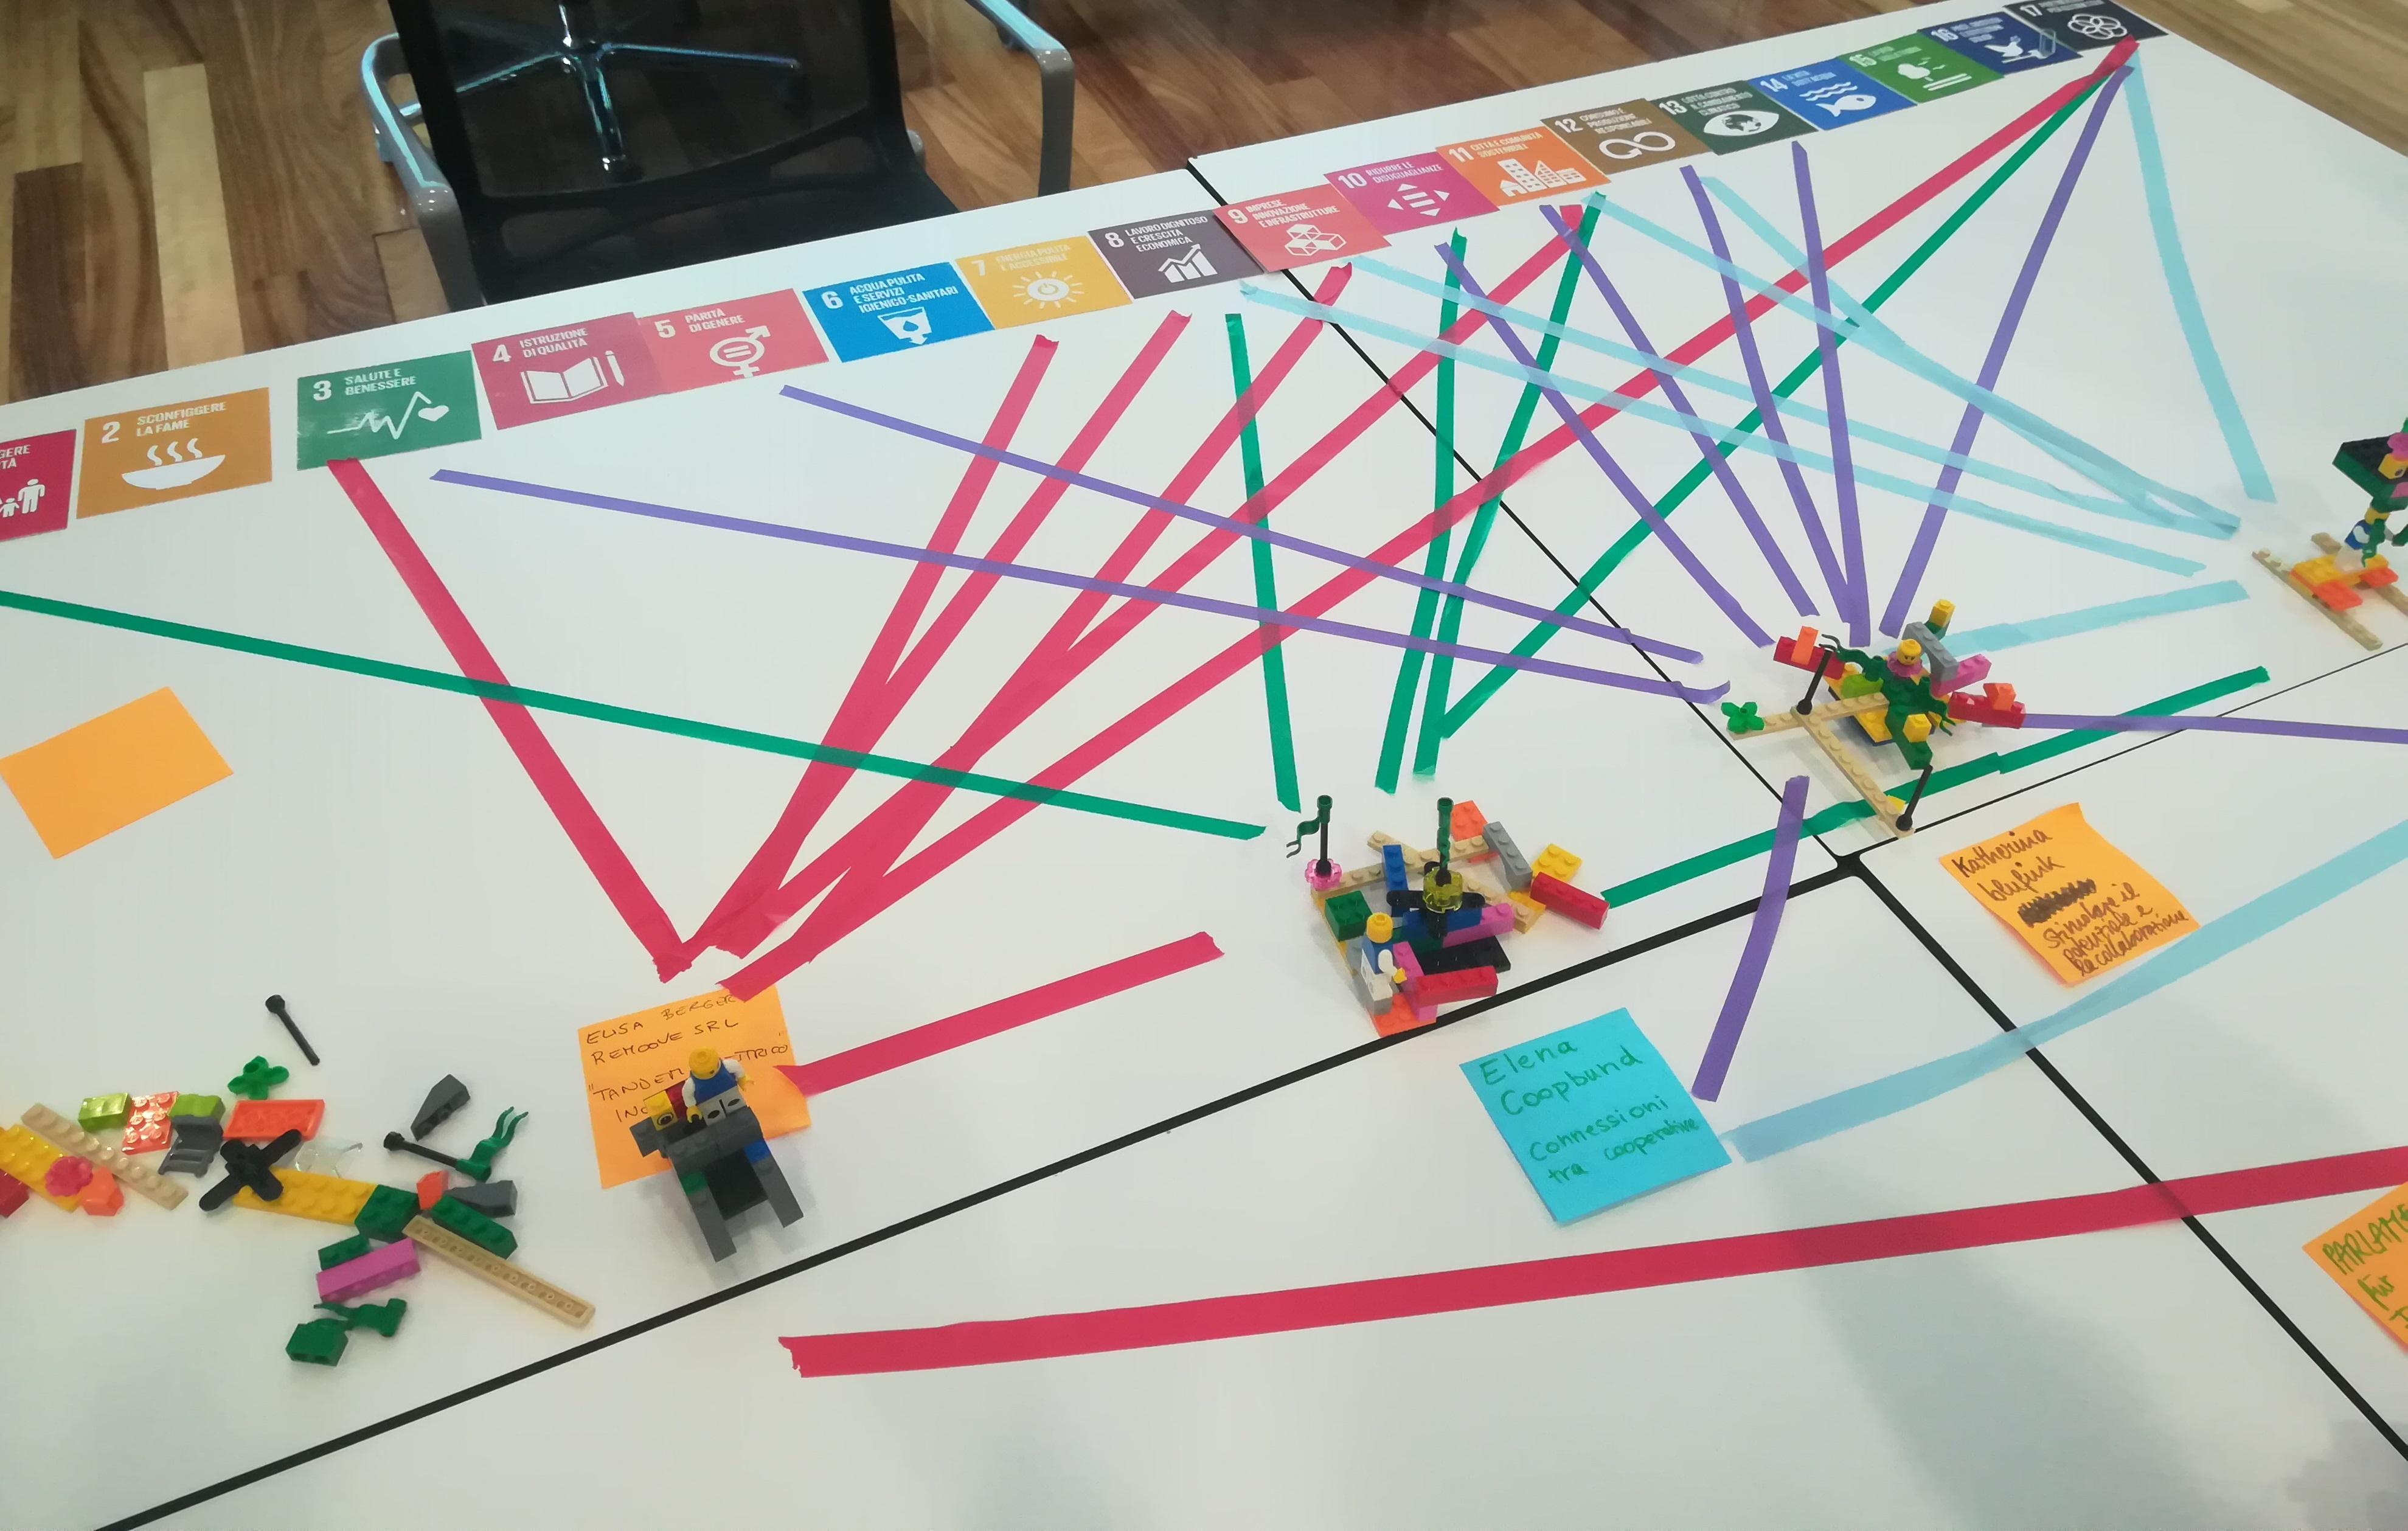 Coopbund alle Giornate di collaborazione per lo sviluppo sostenibile